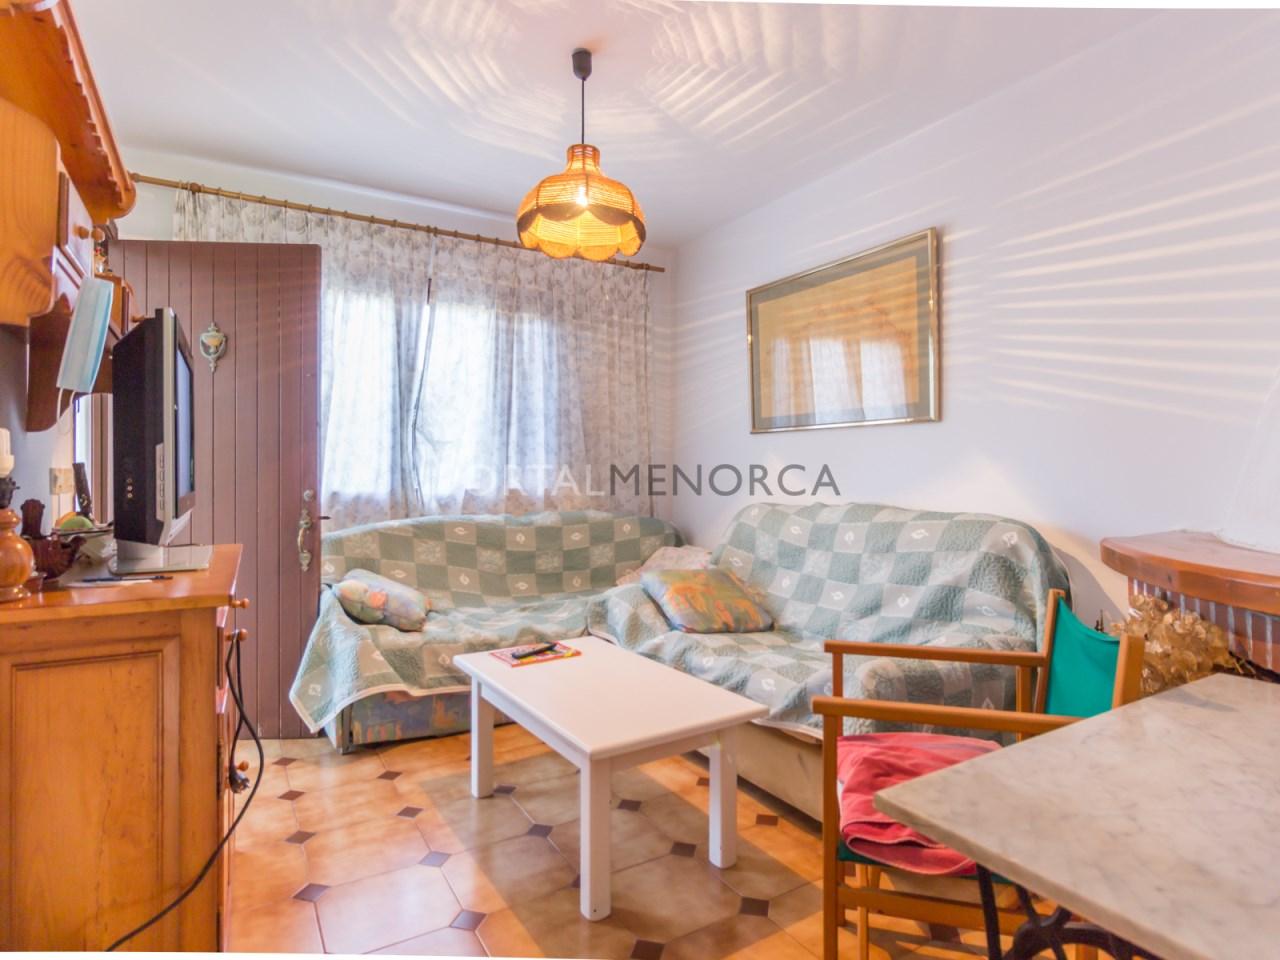 chalet con terreno en venta en Addaya Menorca (5 de 19)